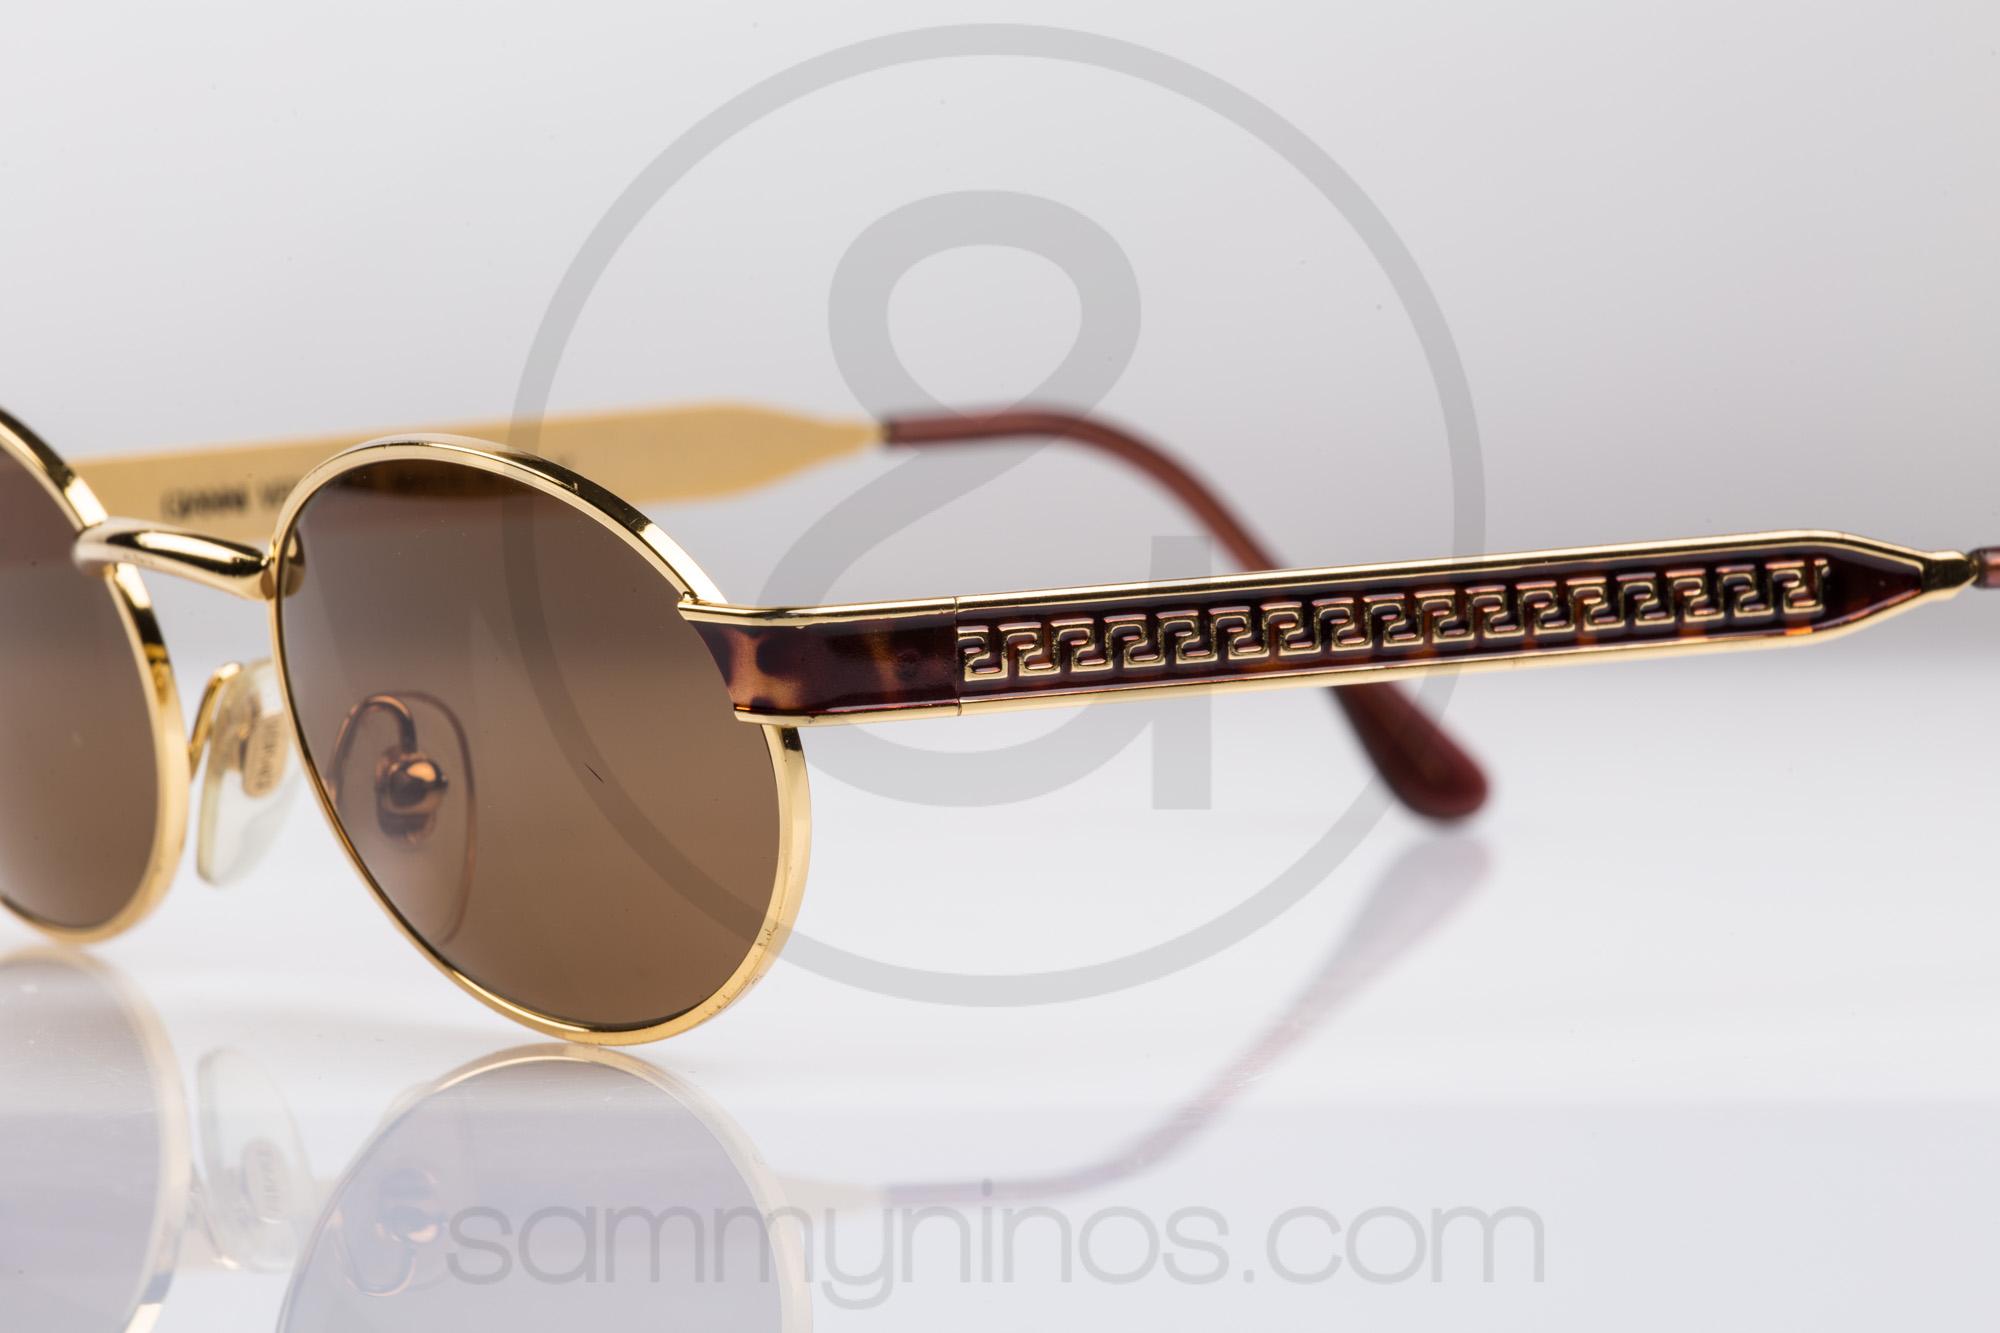 Gianni Versace S58 54M – Sammy & Nino\'s Store